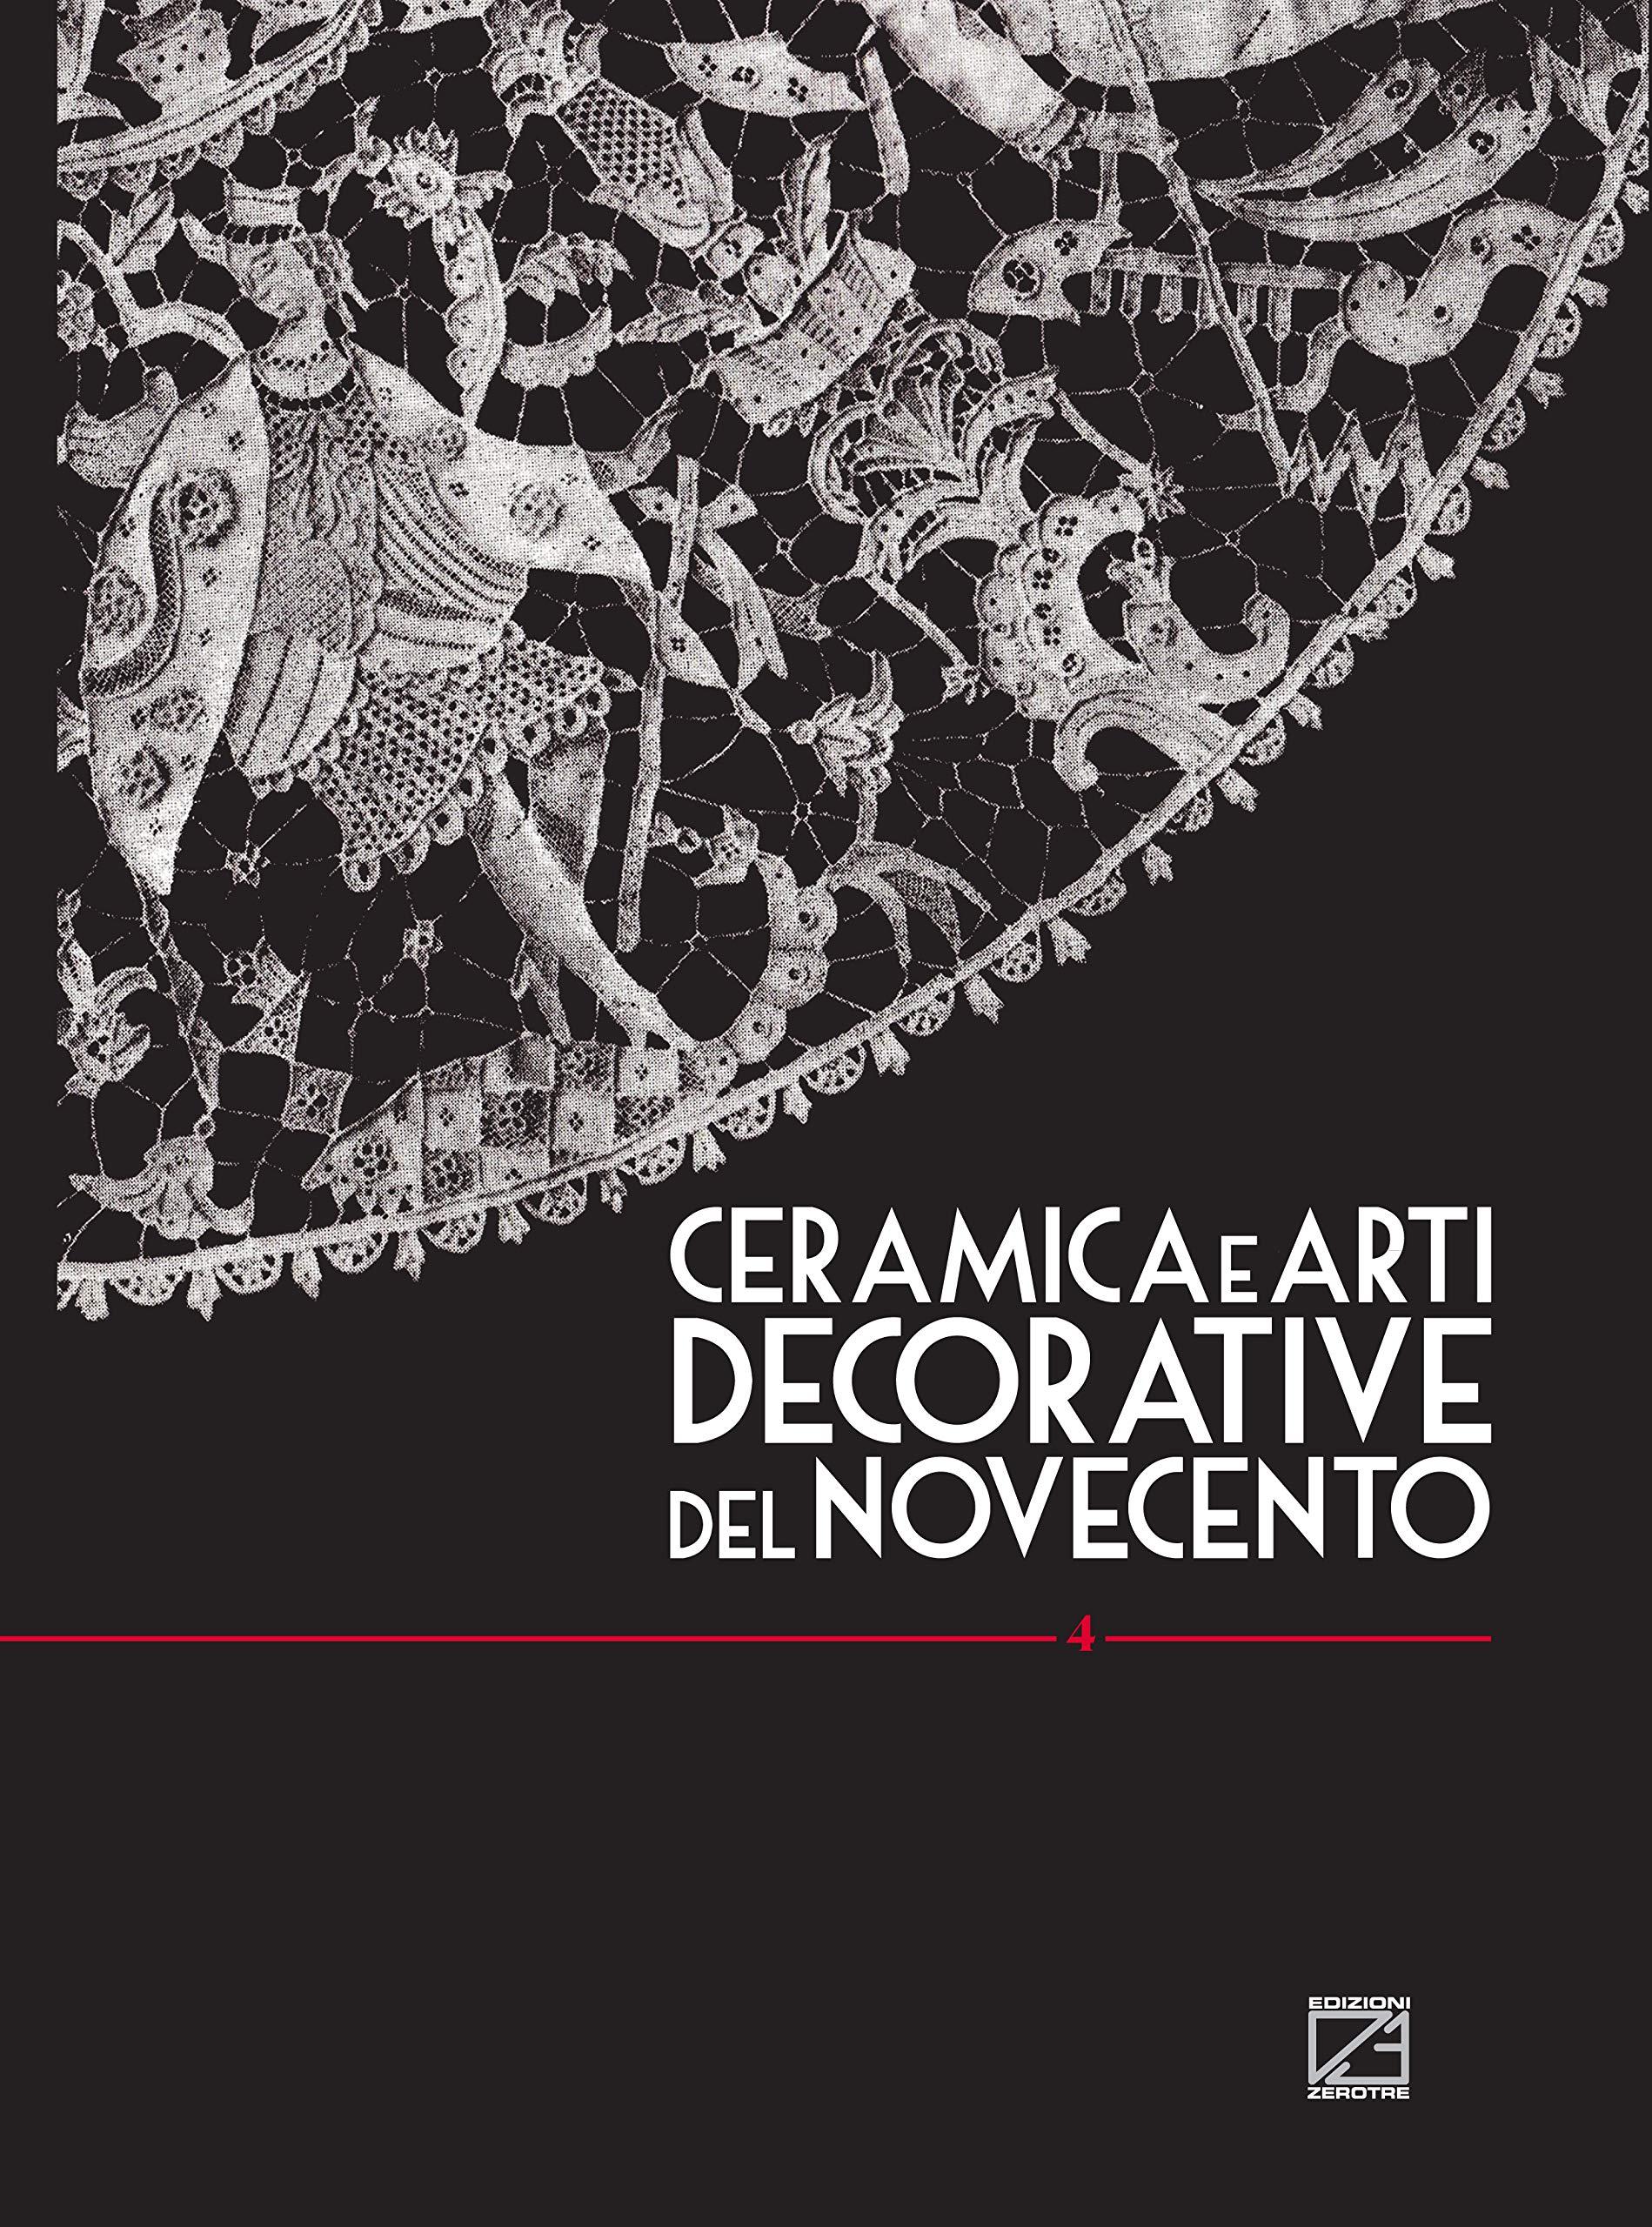 Ceramica e arti decorative del Novecento. Ediz. italiana e inglese ...